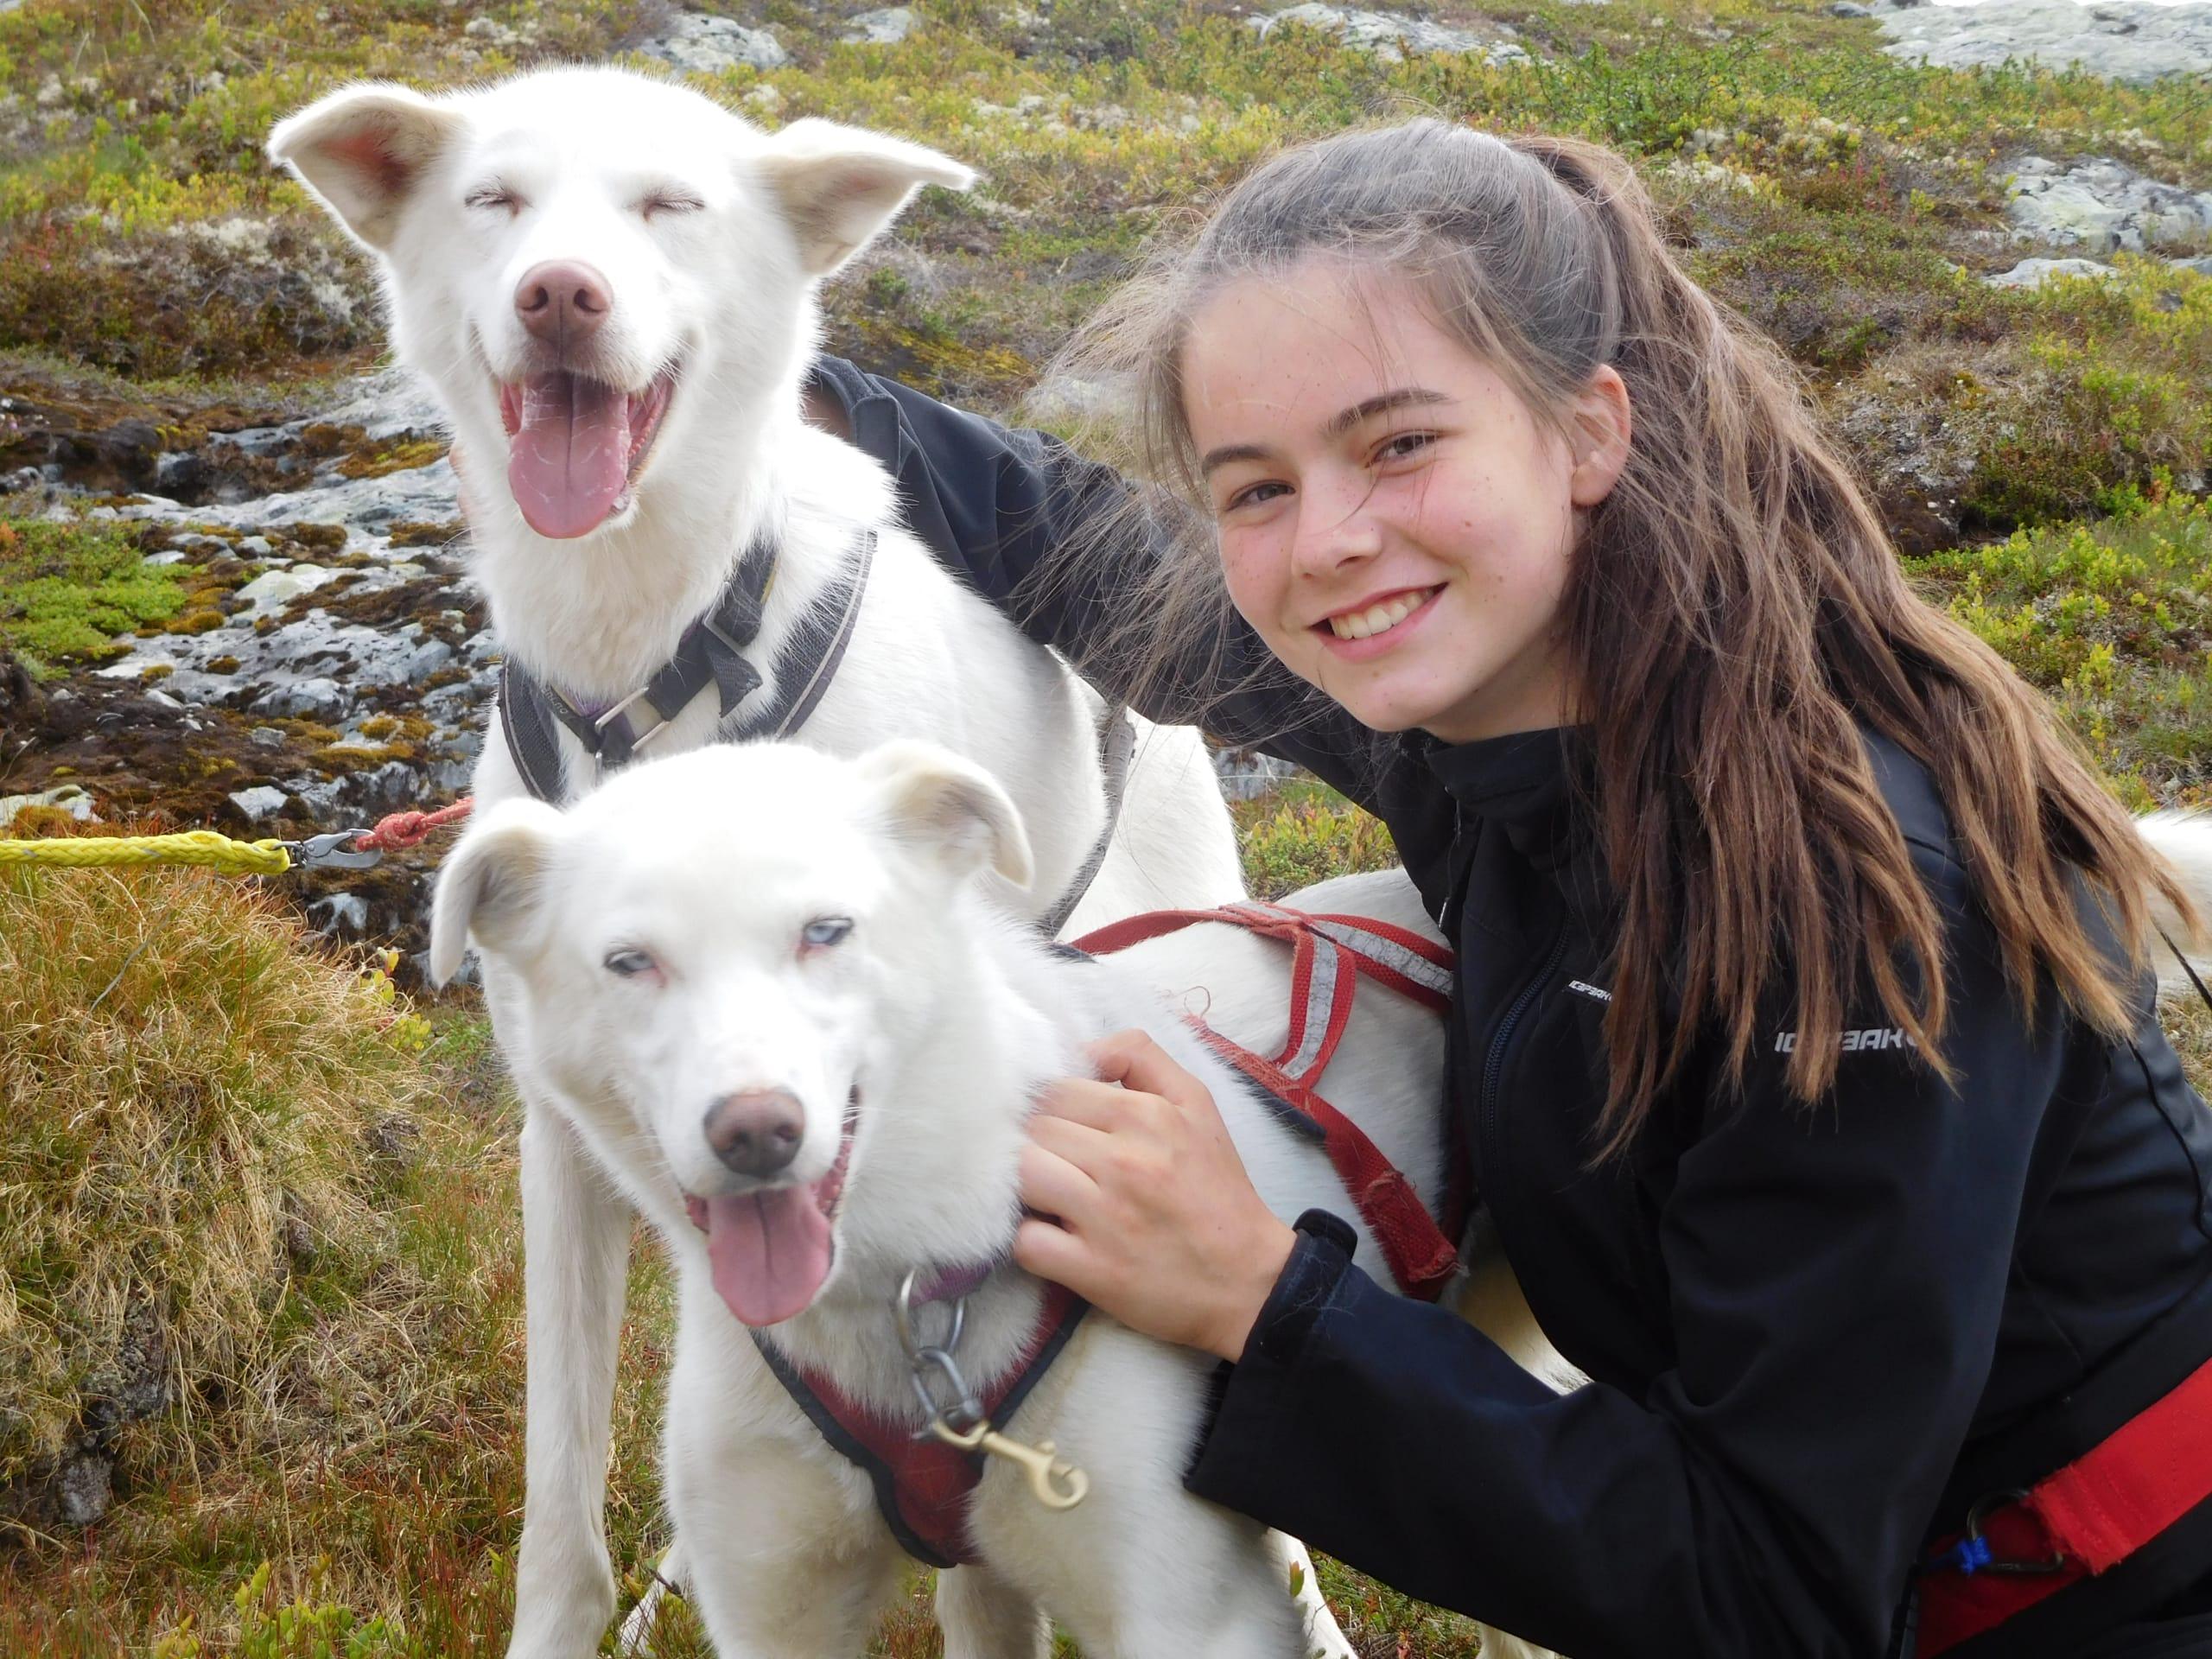 Friendly huskies on a mountain hike